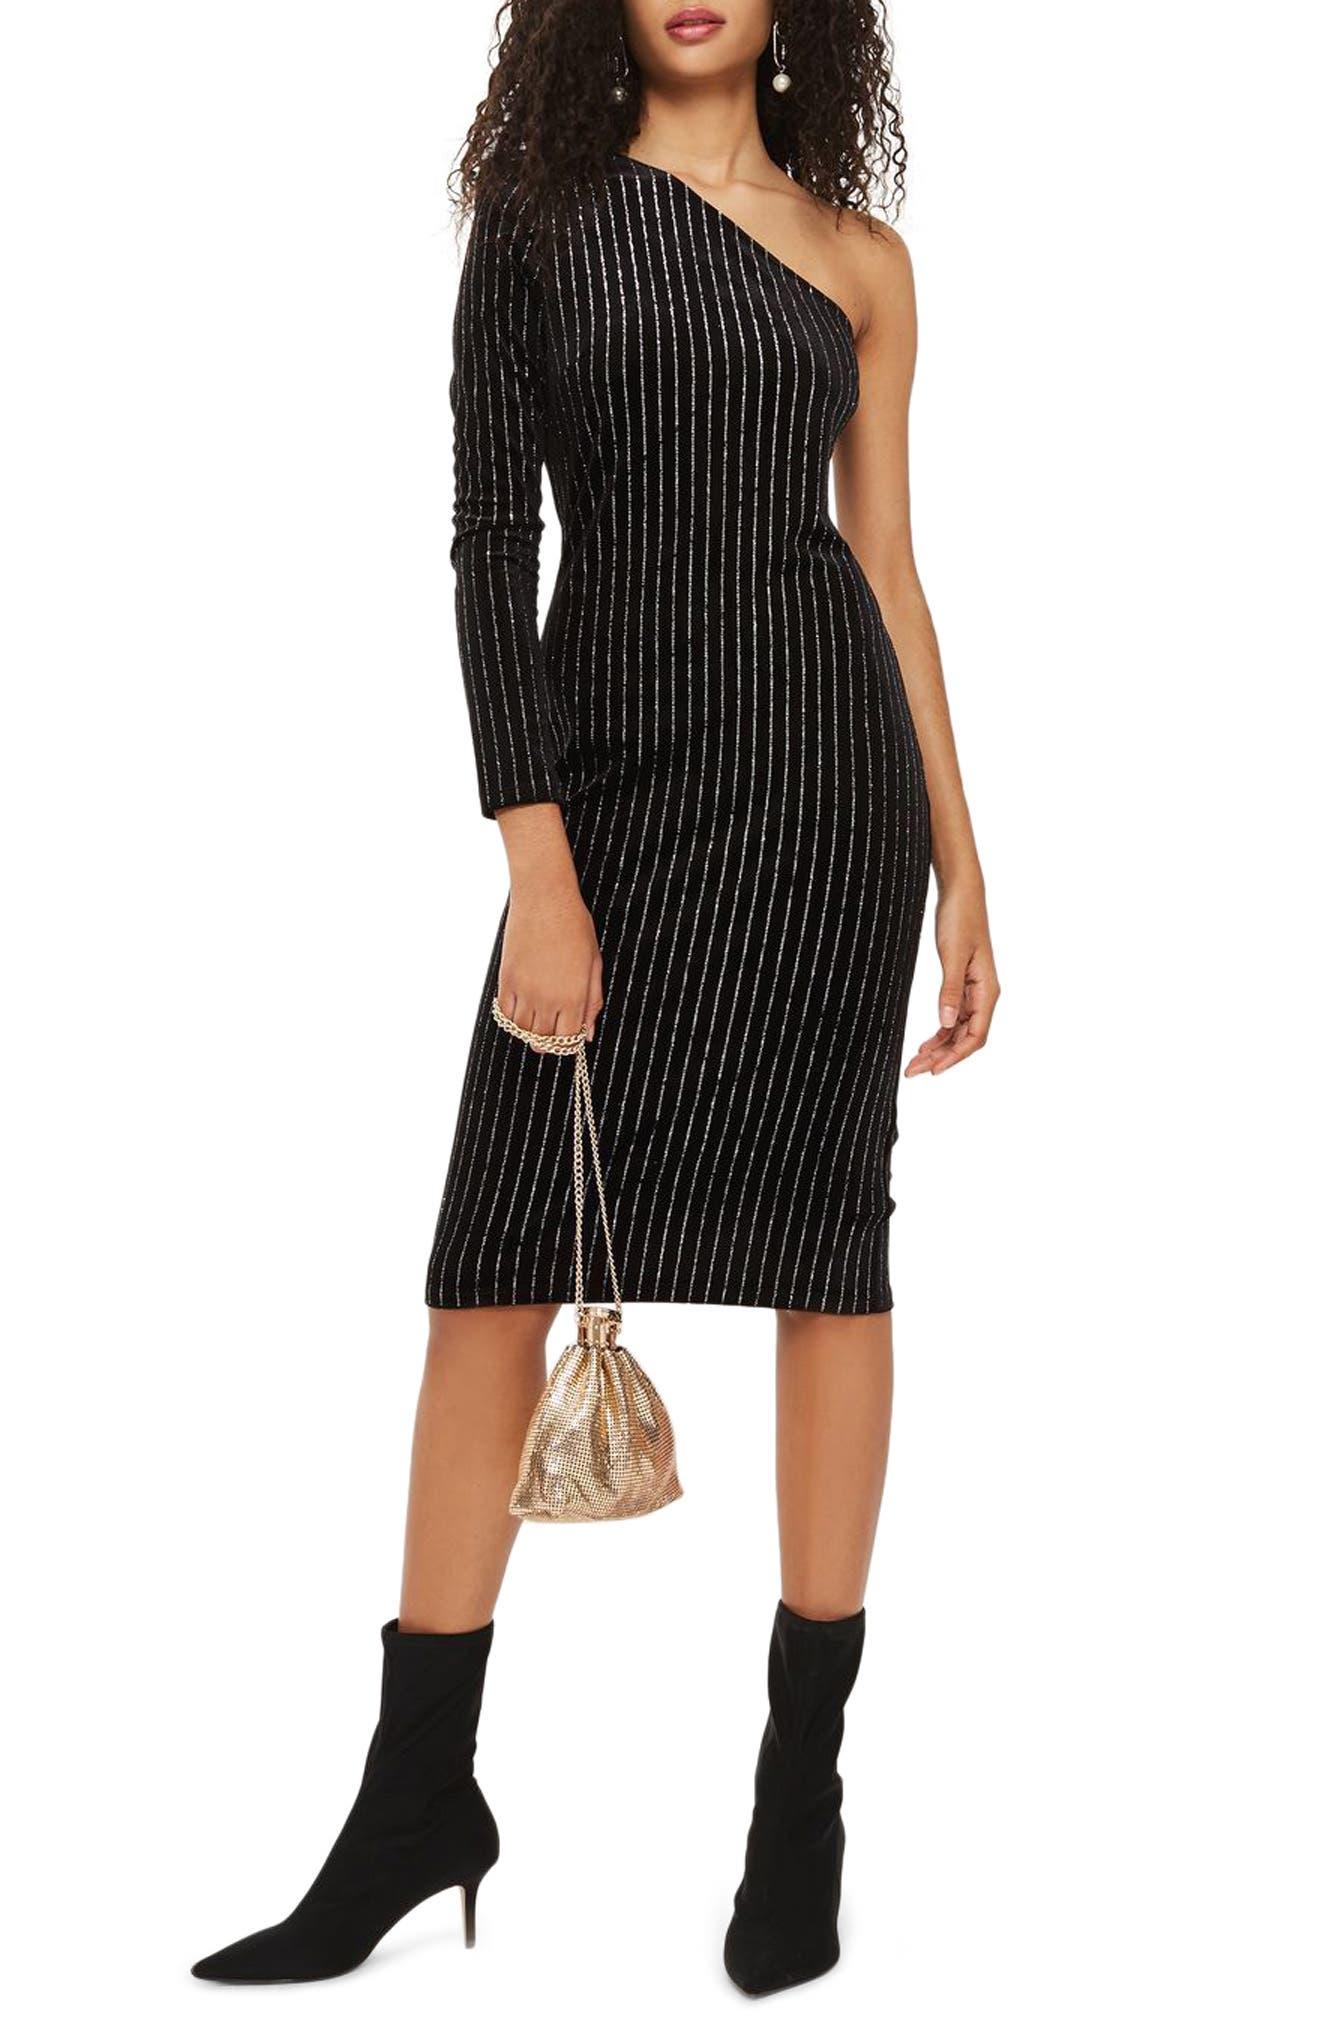 Topshop Glitter Stripe One-Shoulder Dress